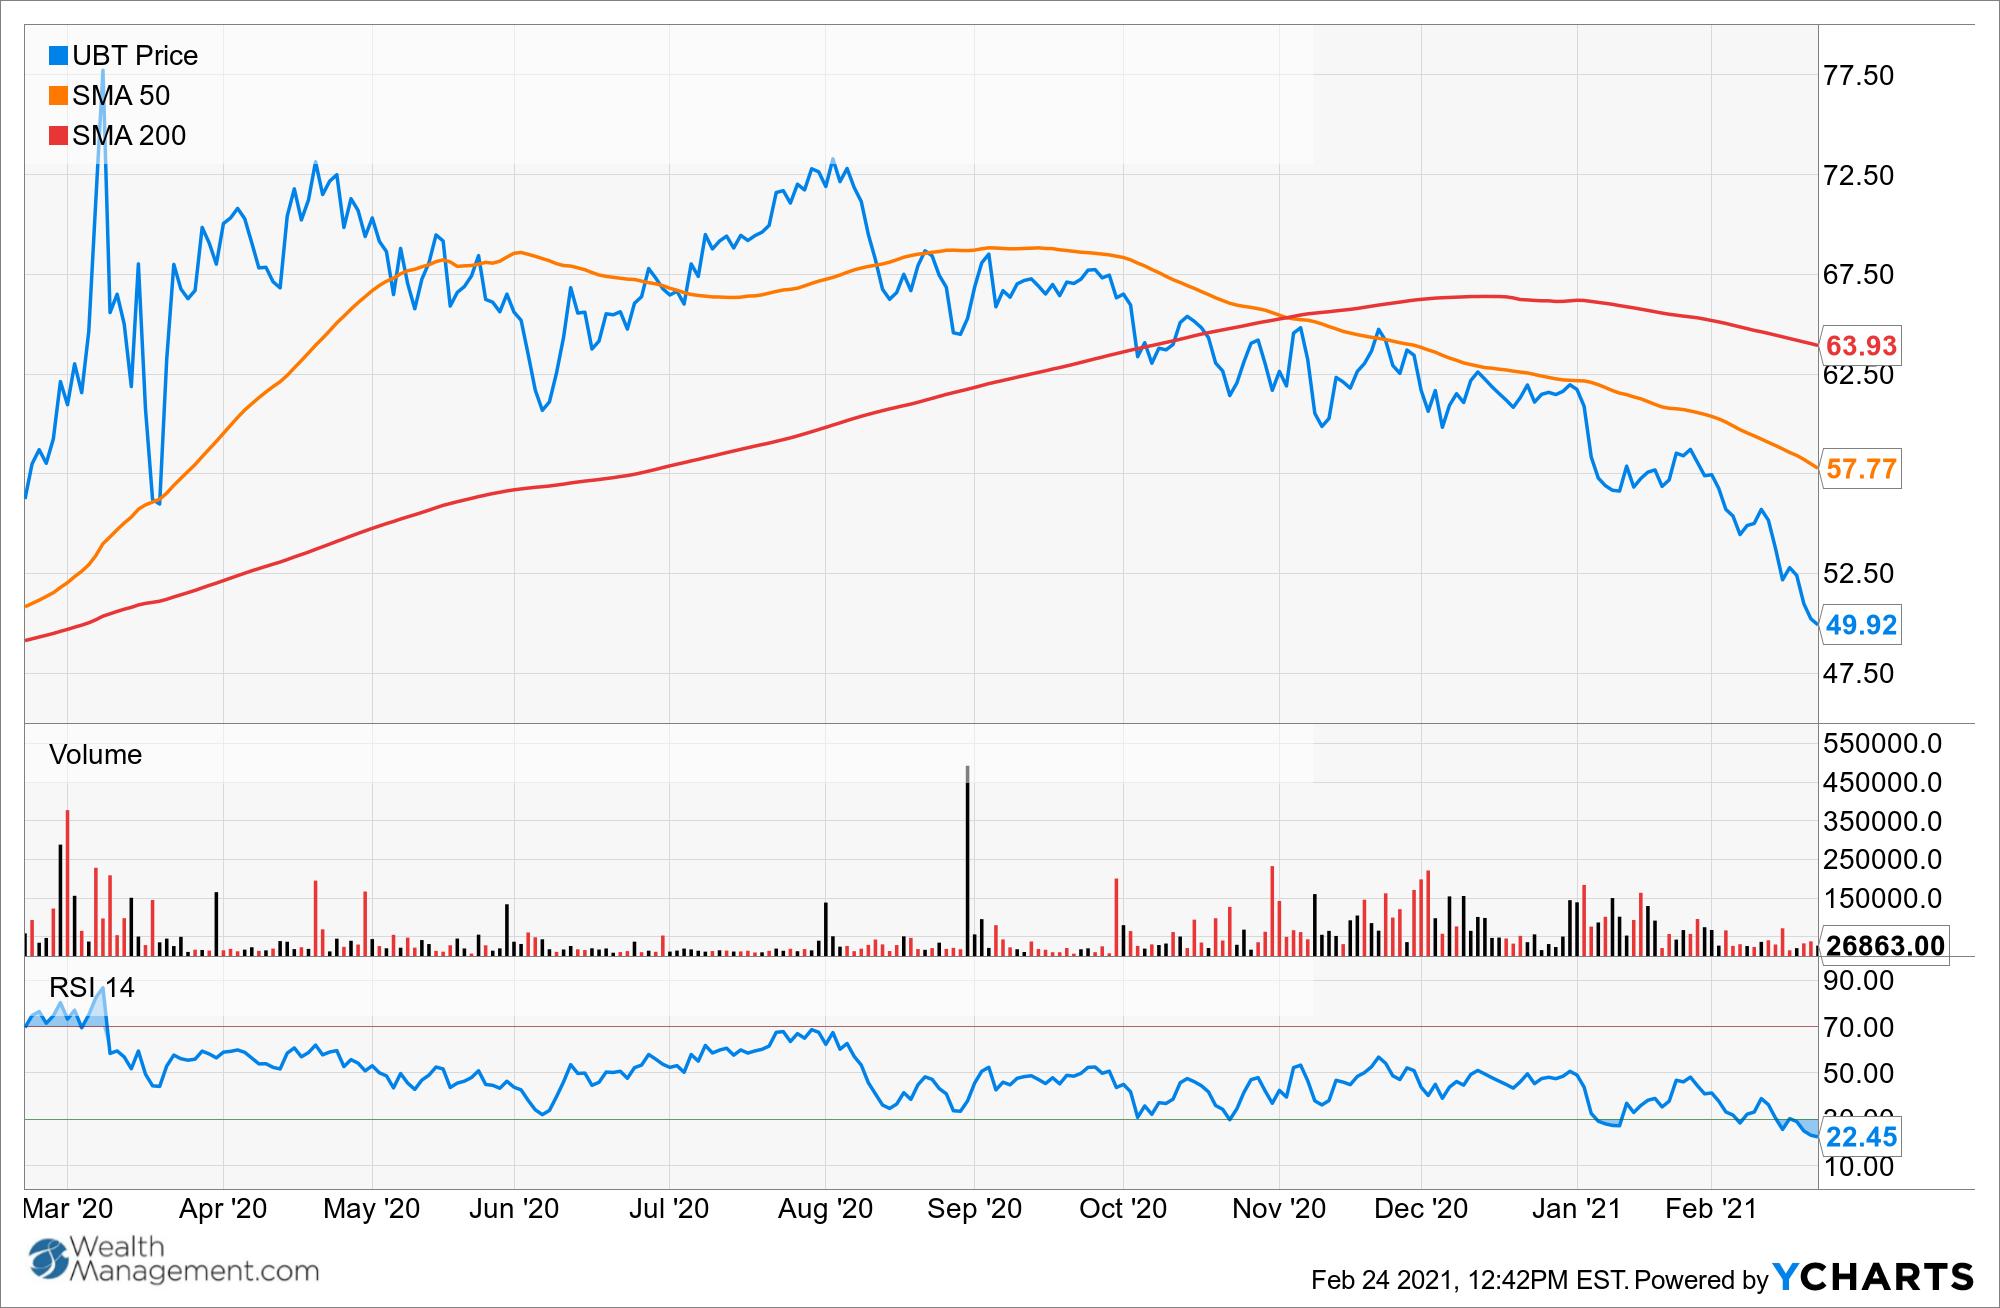 UBT Chart